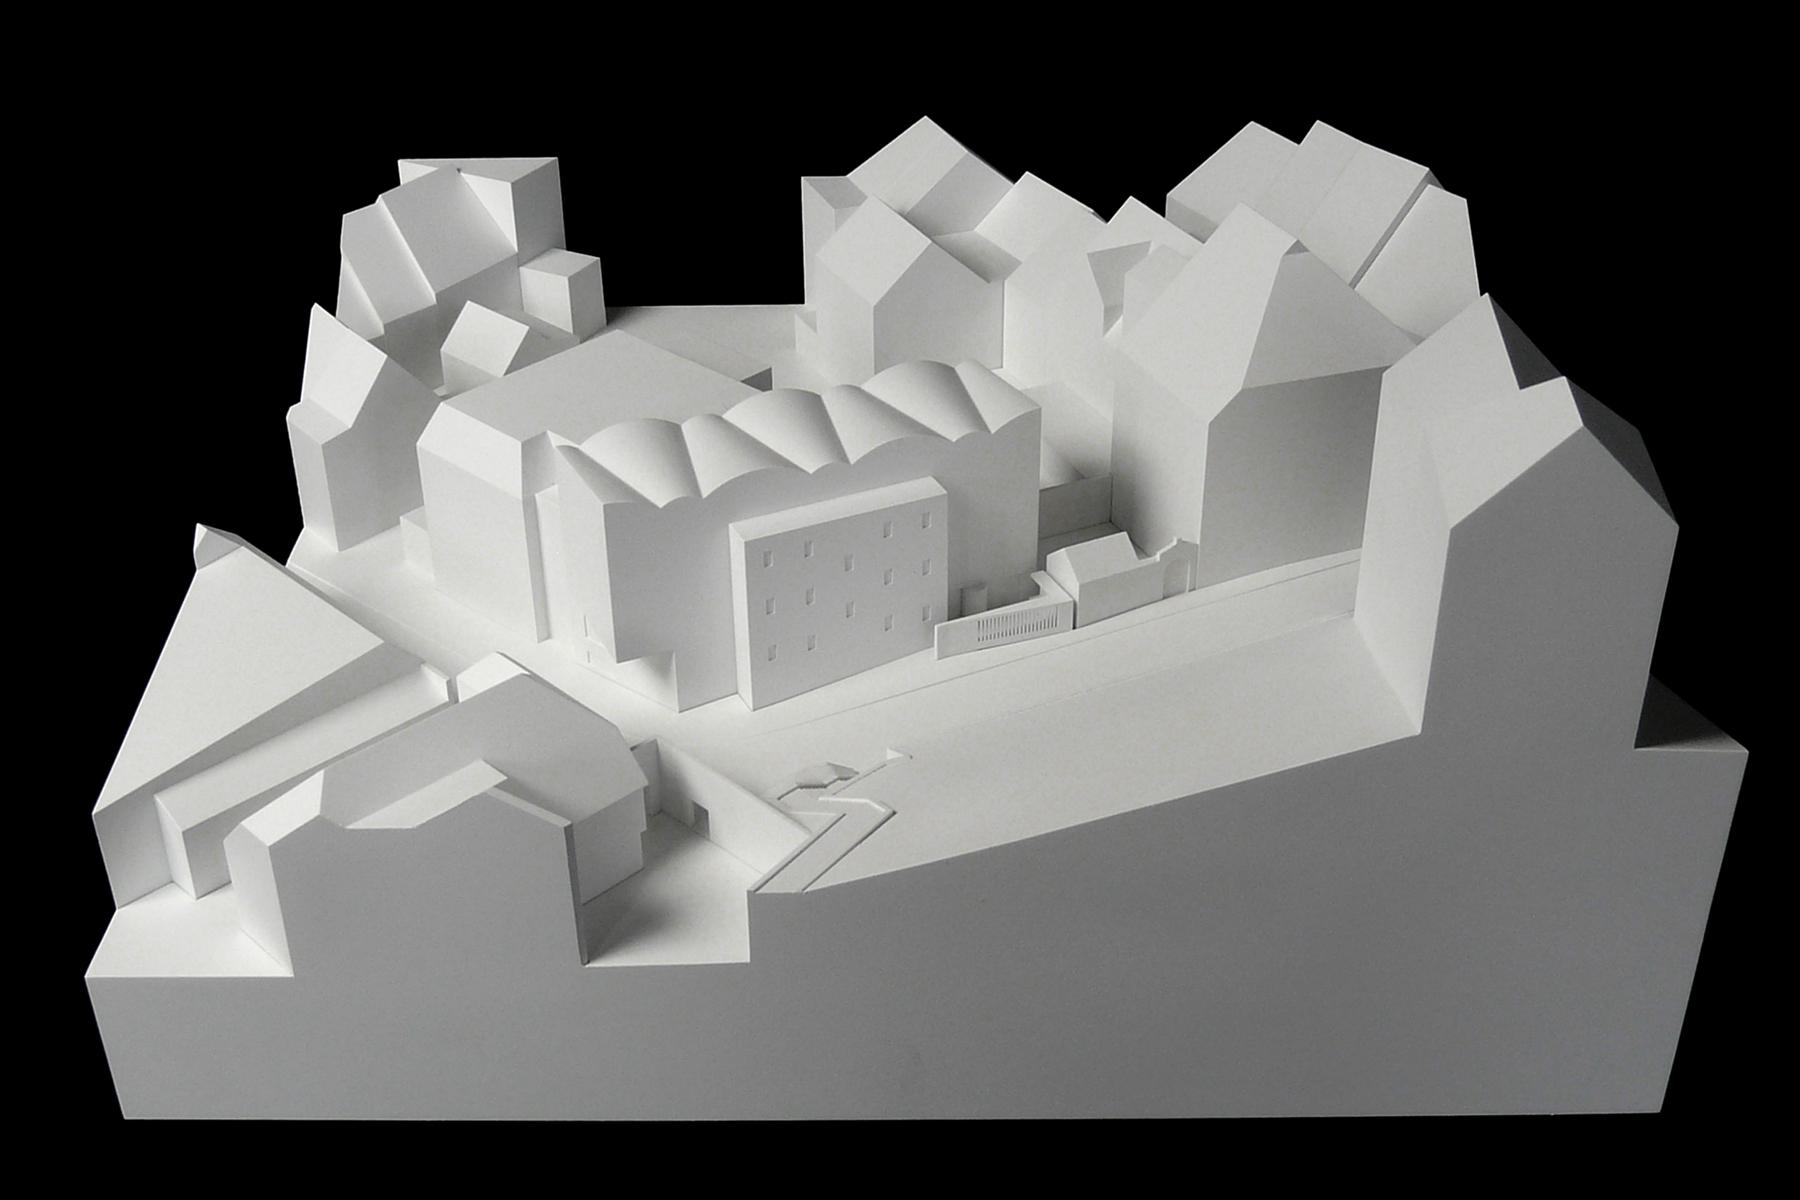 Architekten Ravensburg architekturmodell kunstmuseum ravensburg béla berec modellbau 1 200